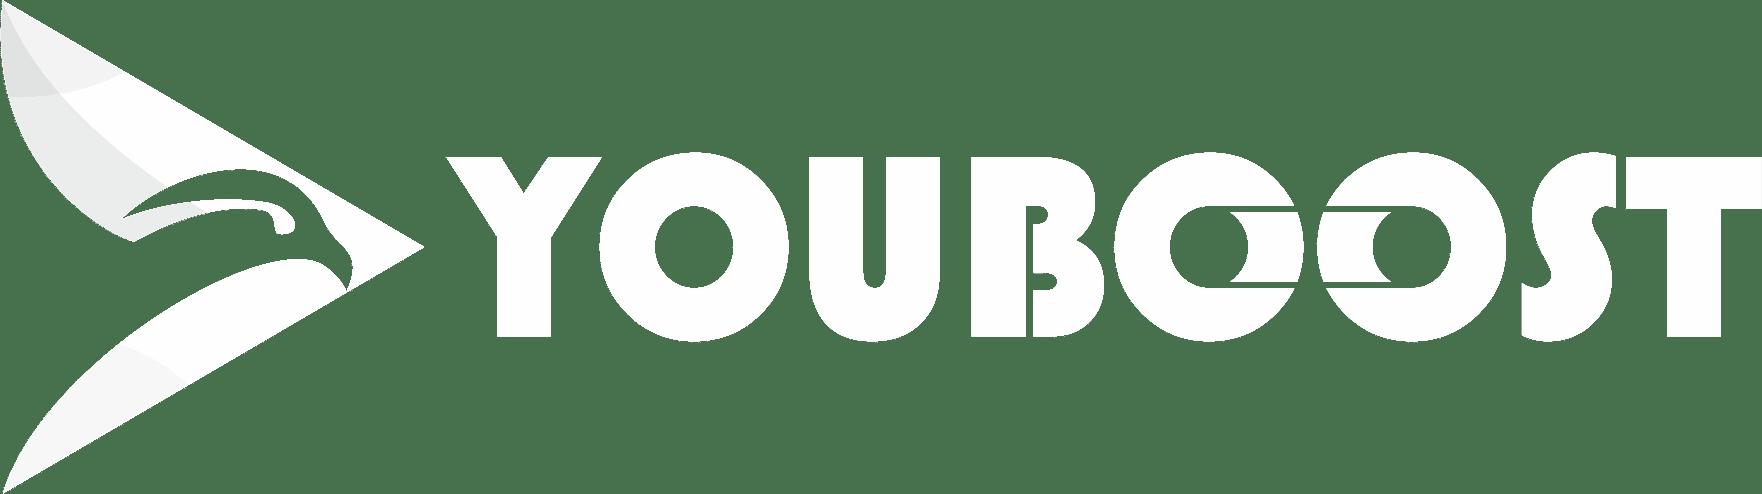 logo youboost